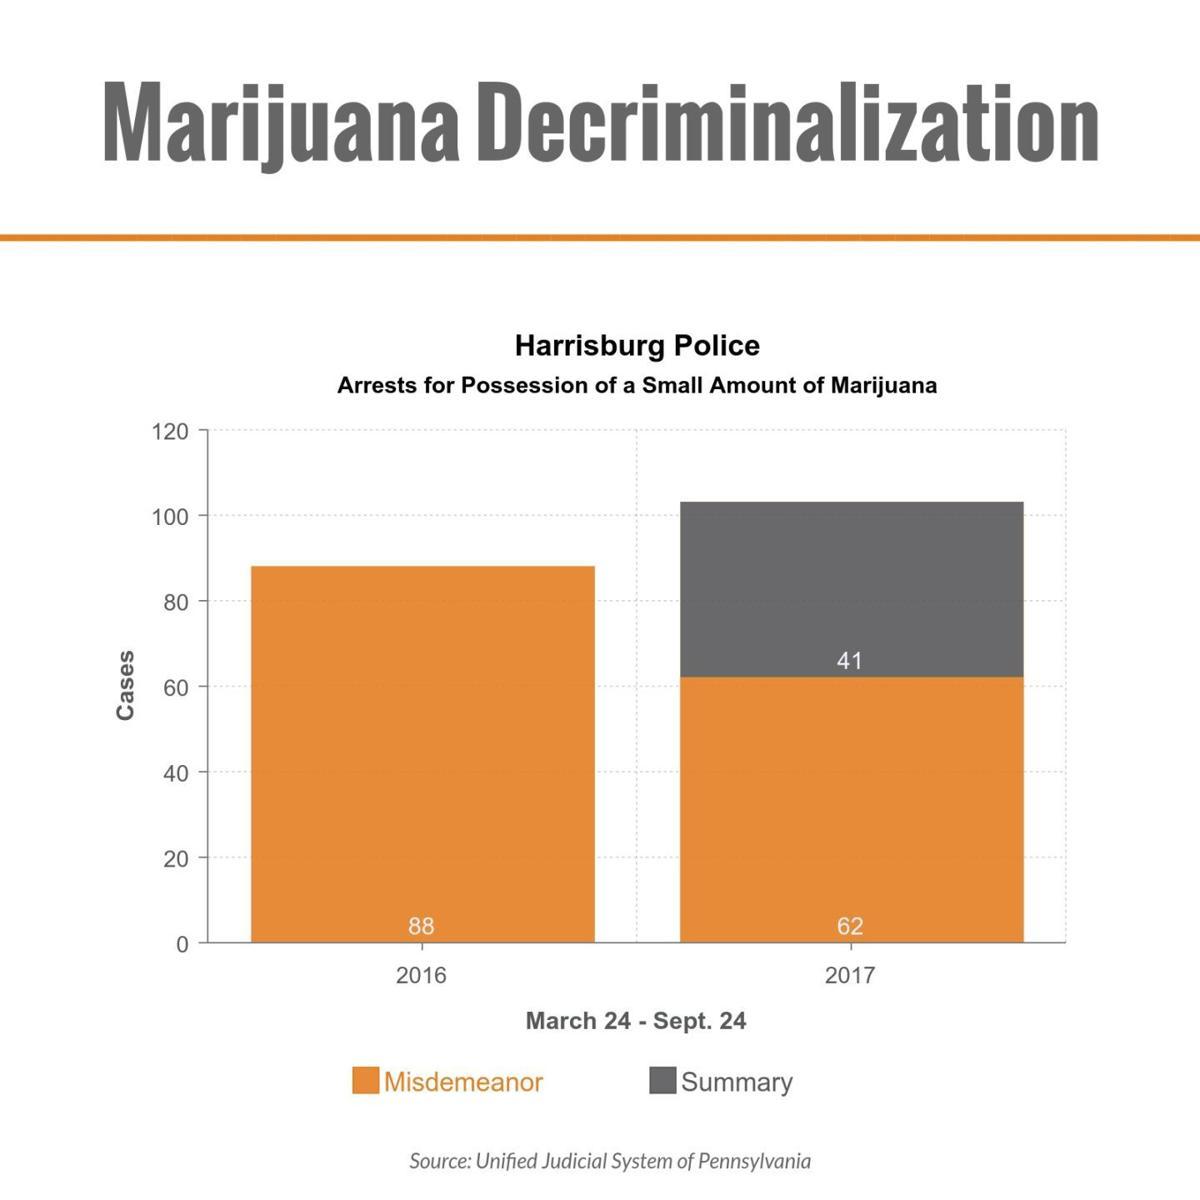 High Crimes: A review of marijuana decriminalization in